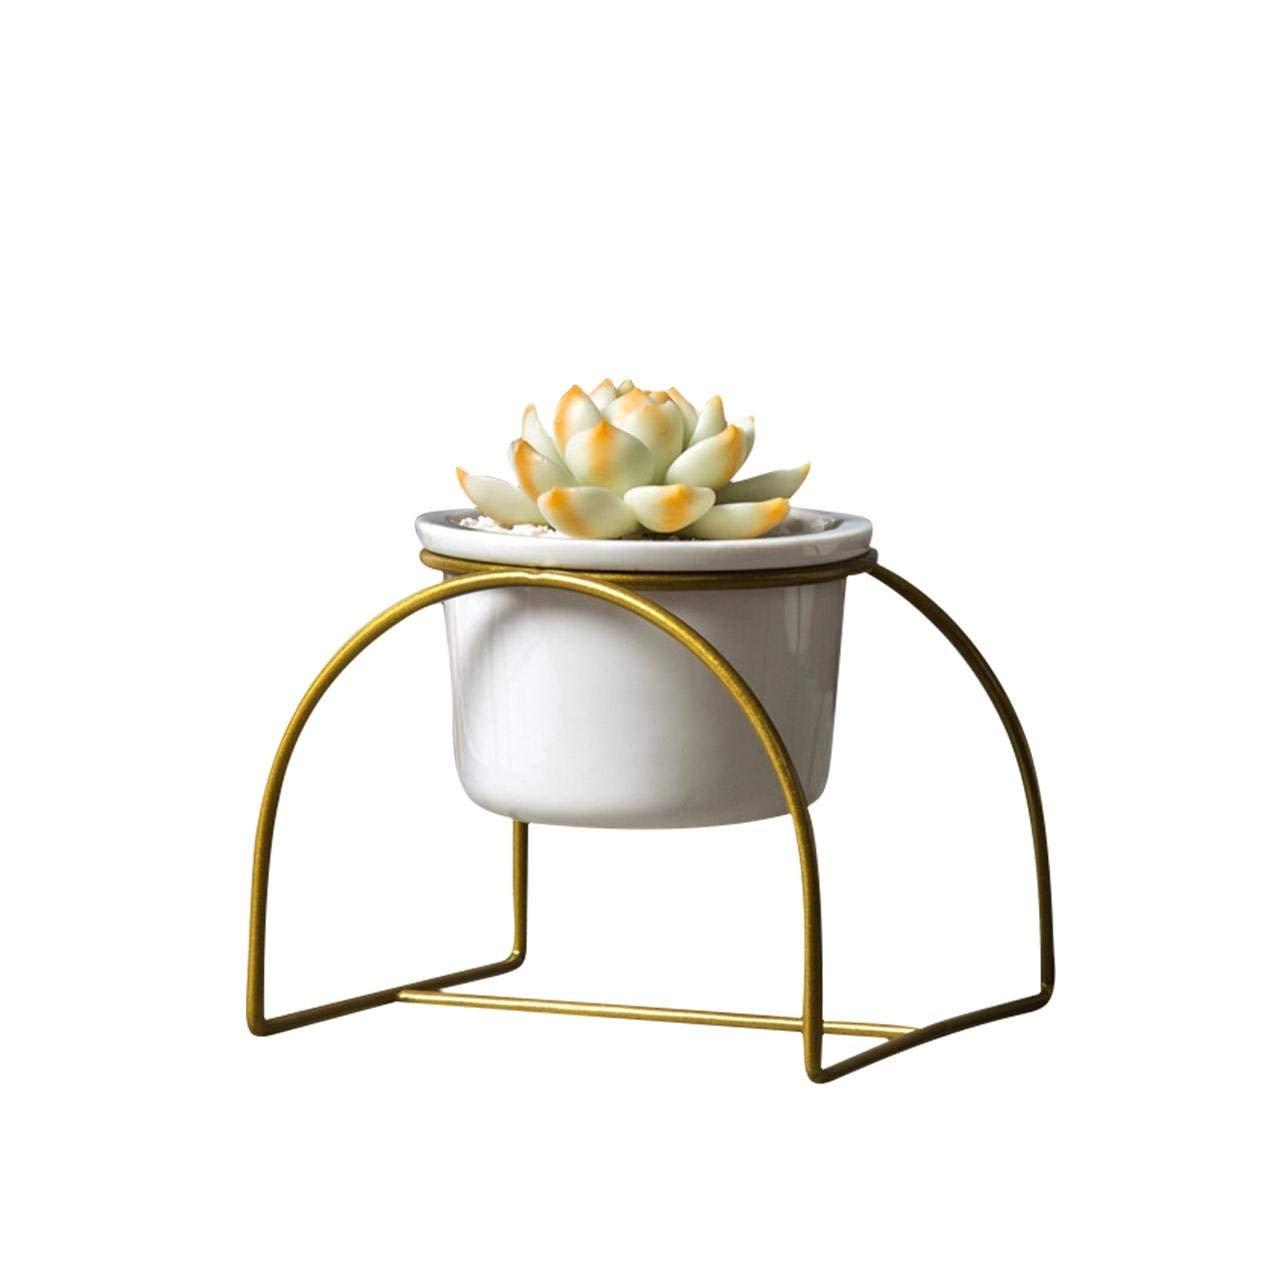 Amazon.com: Jarrón de flores – Jarrón de hierro simple con ...